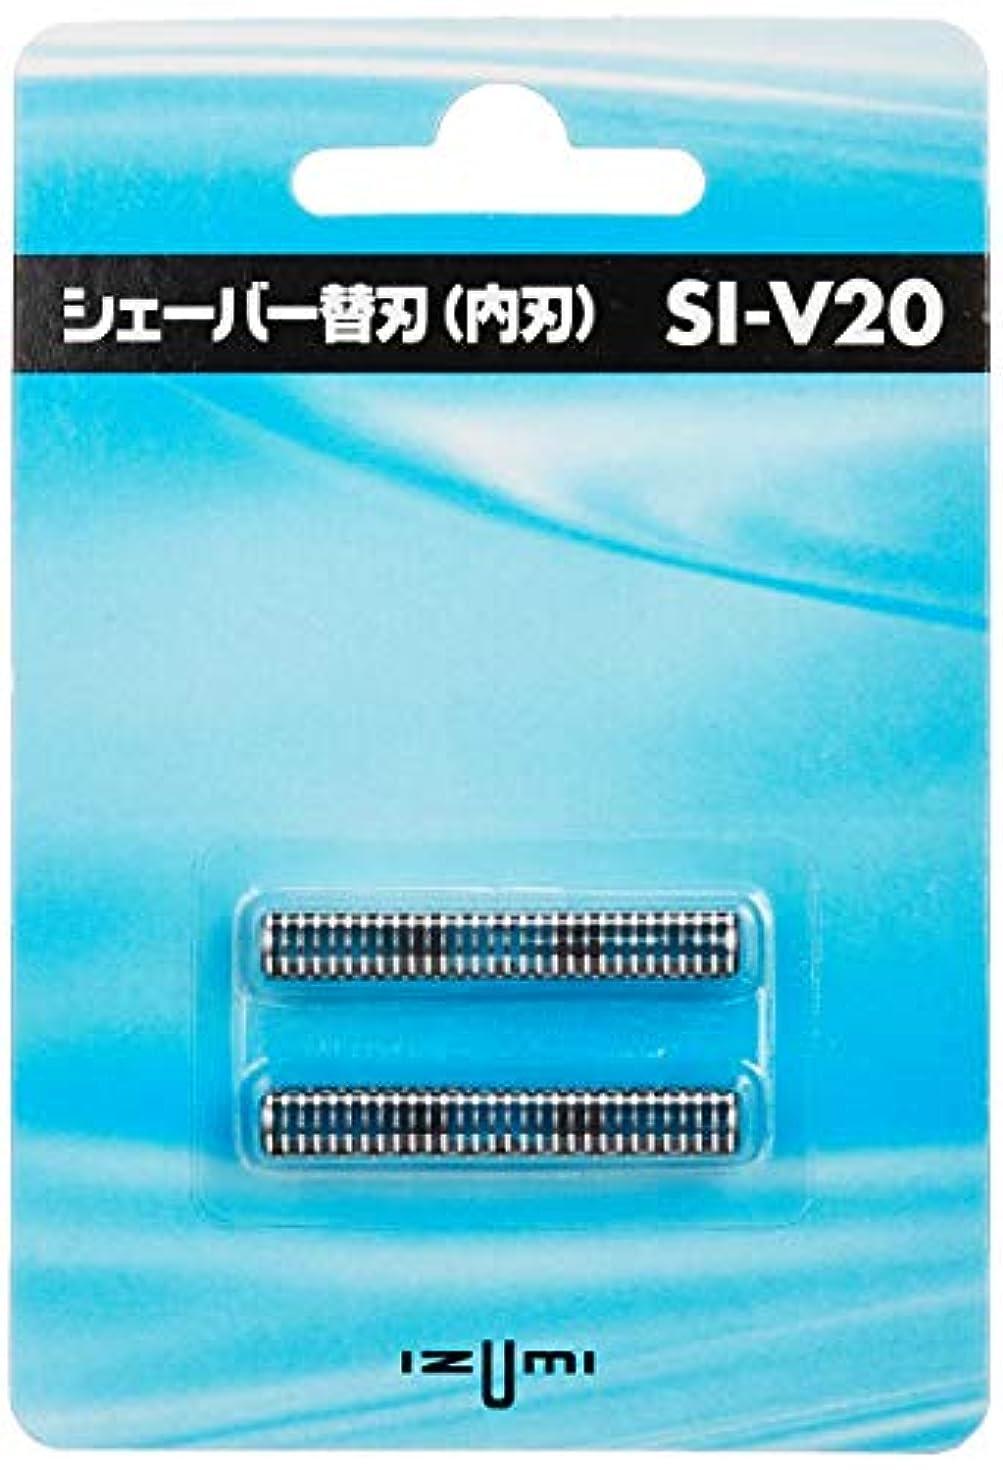 子の配列記念碑IZUMI シェーバー用替刃(内刃) SI-V20